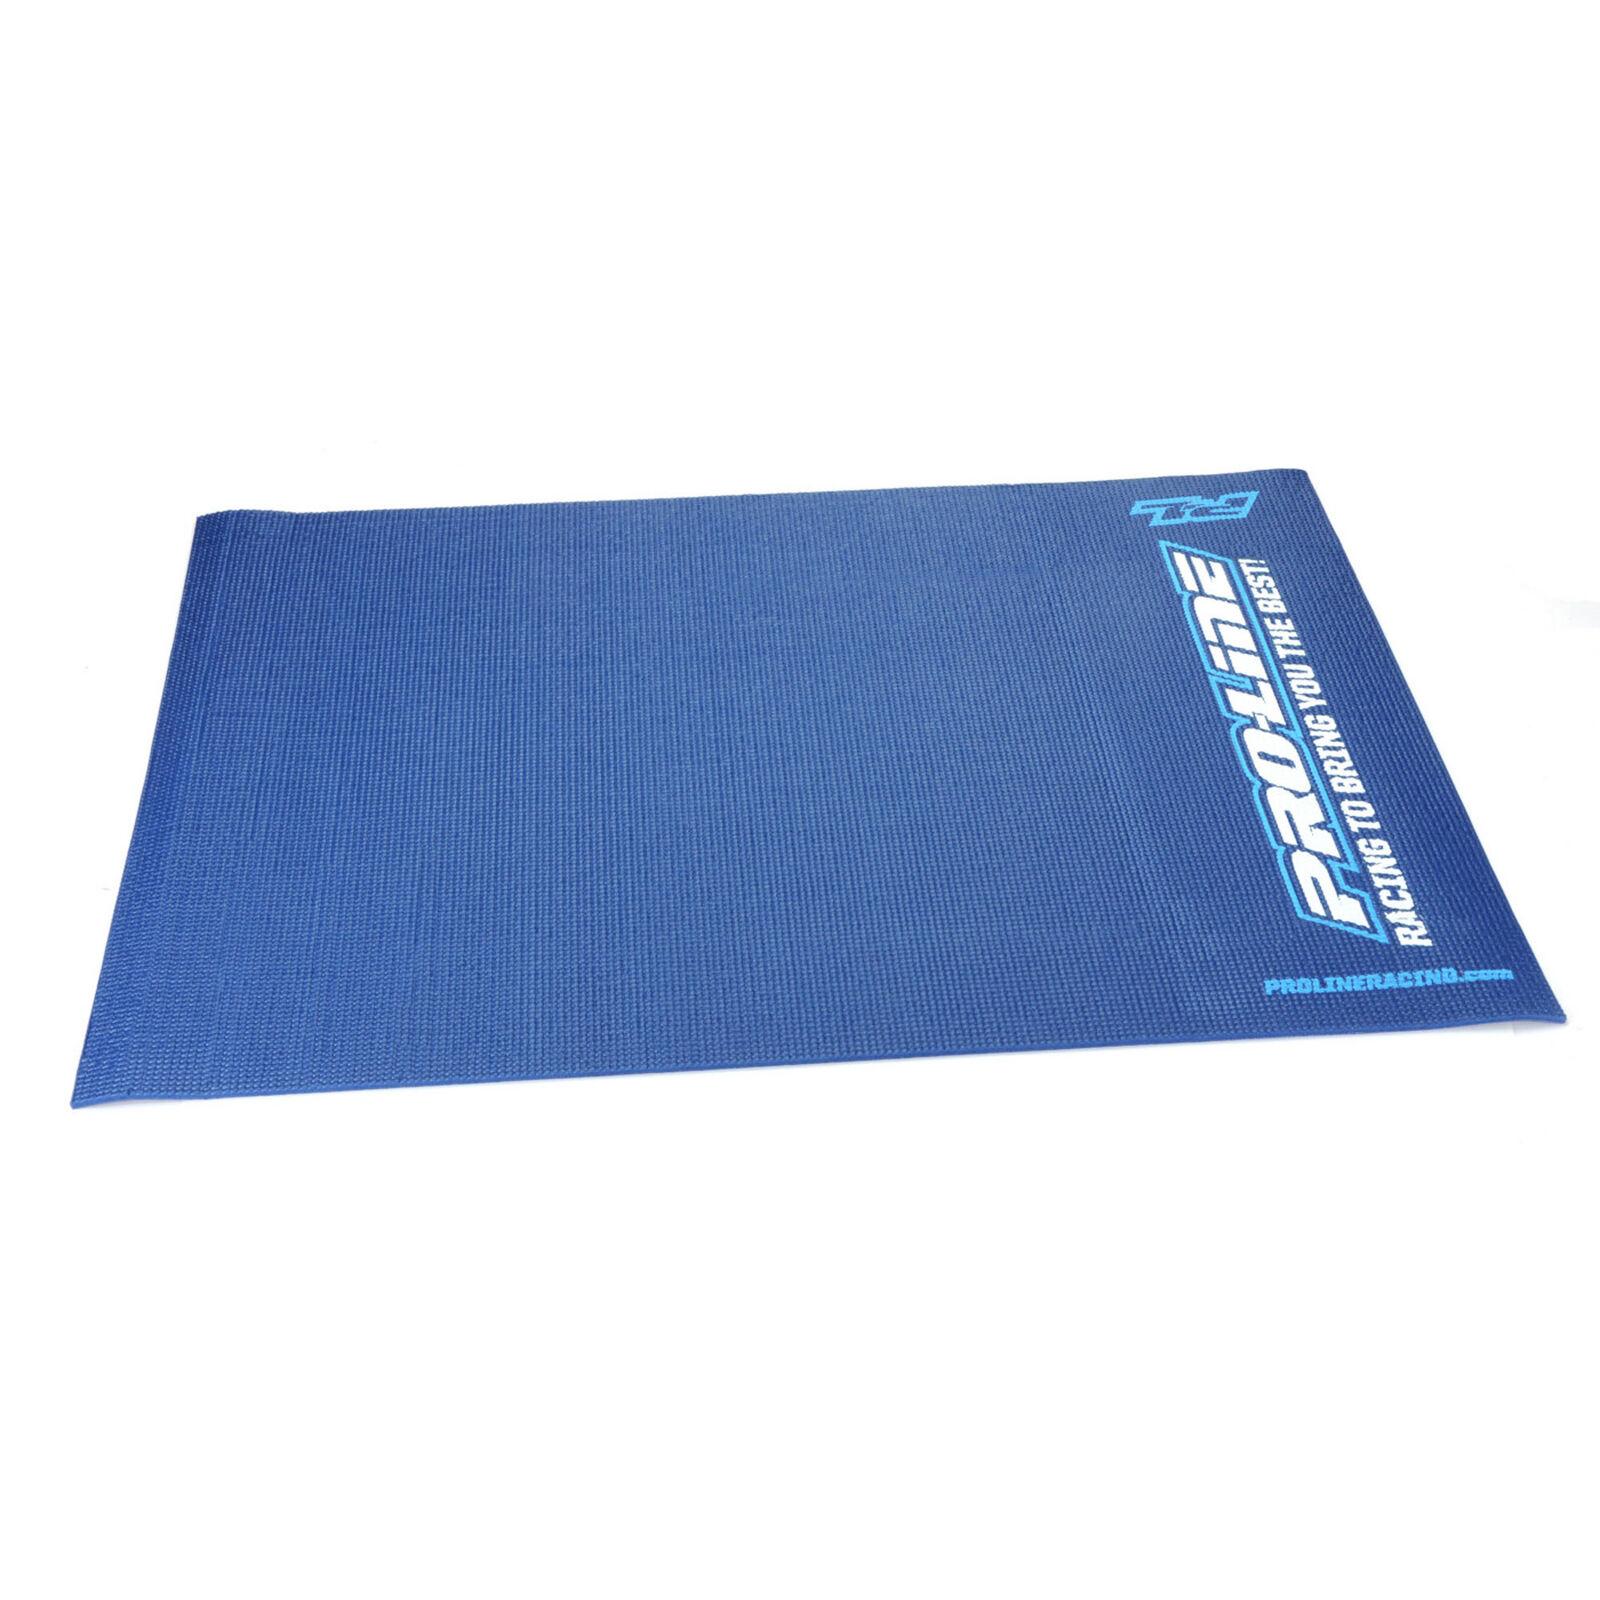 Pro-Line Roll-Up Pit Mat